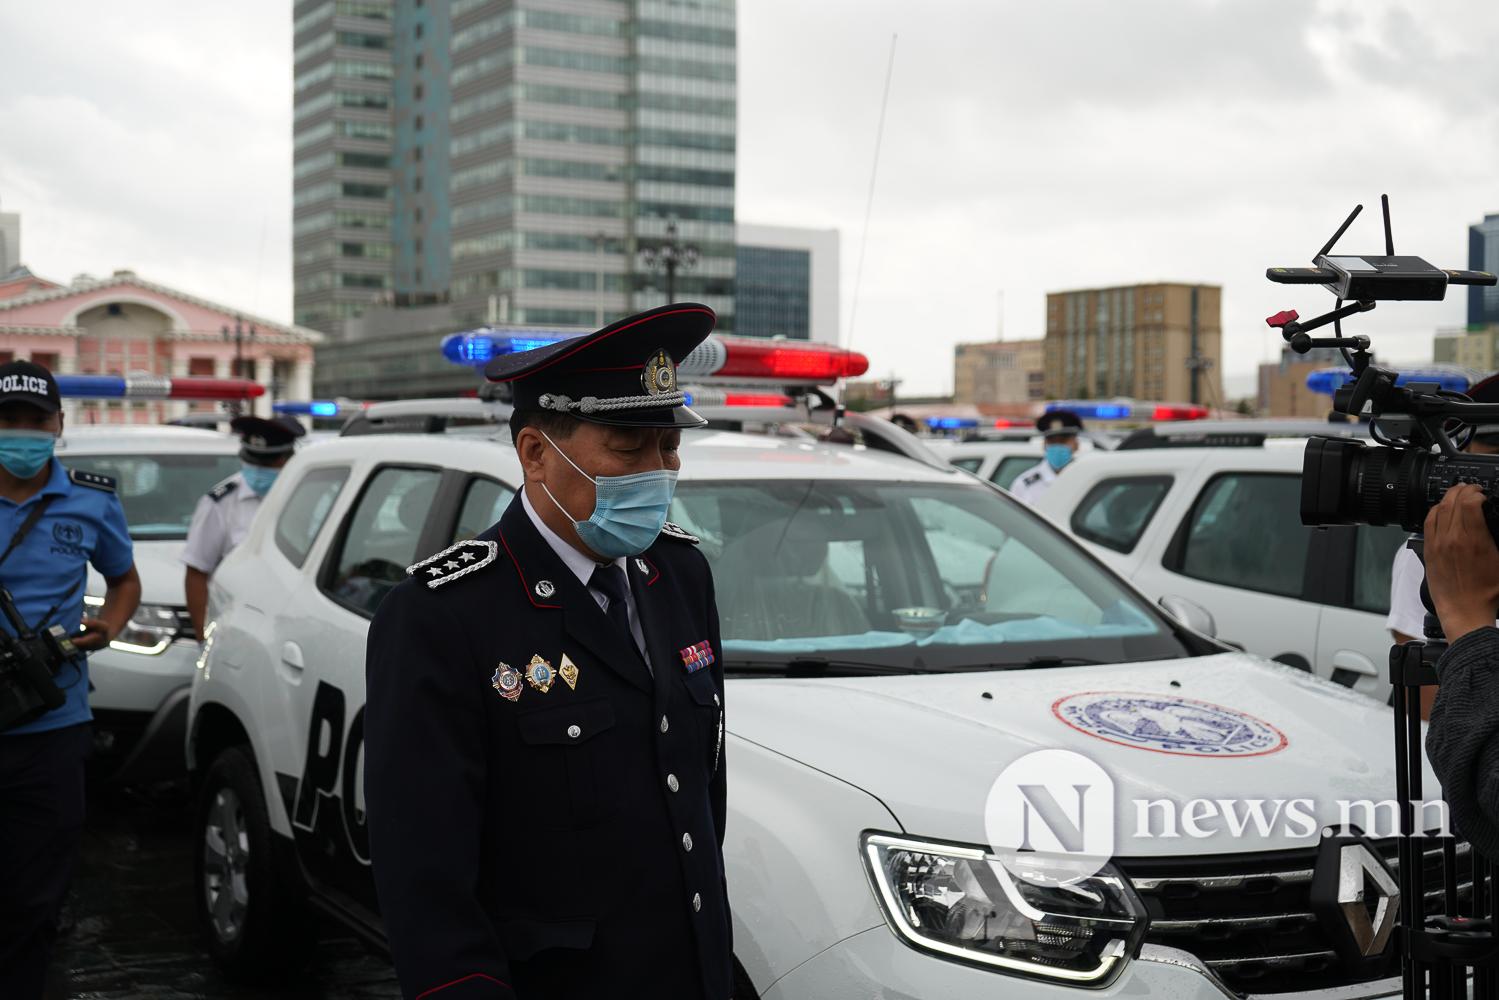 Нийслэлийн эрүүл мэнд, цагдаагийн байгууллагад 92 автомашин гардуулж байна (33 of 45)